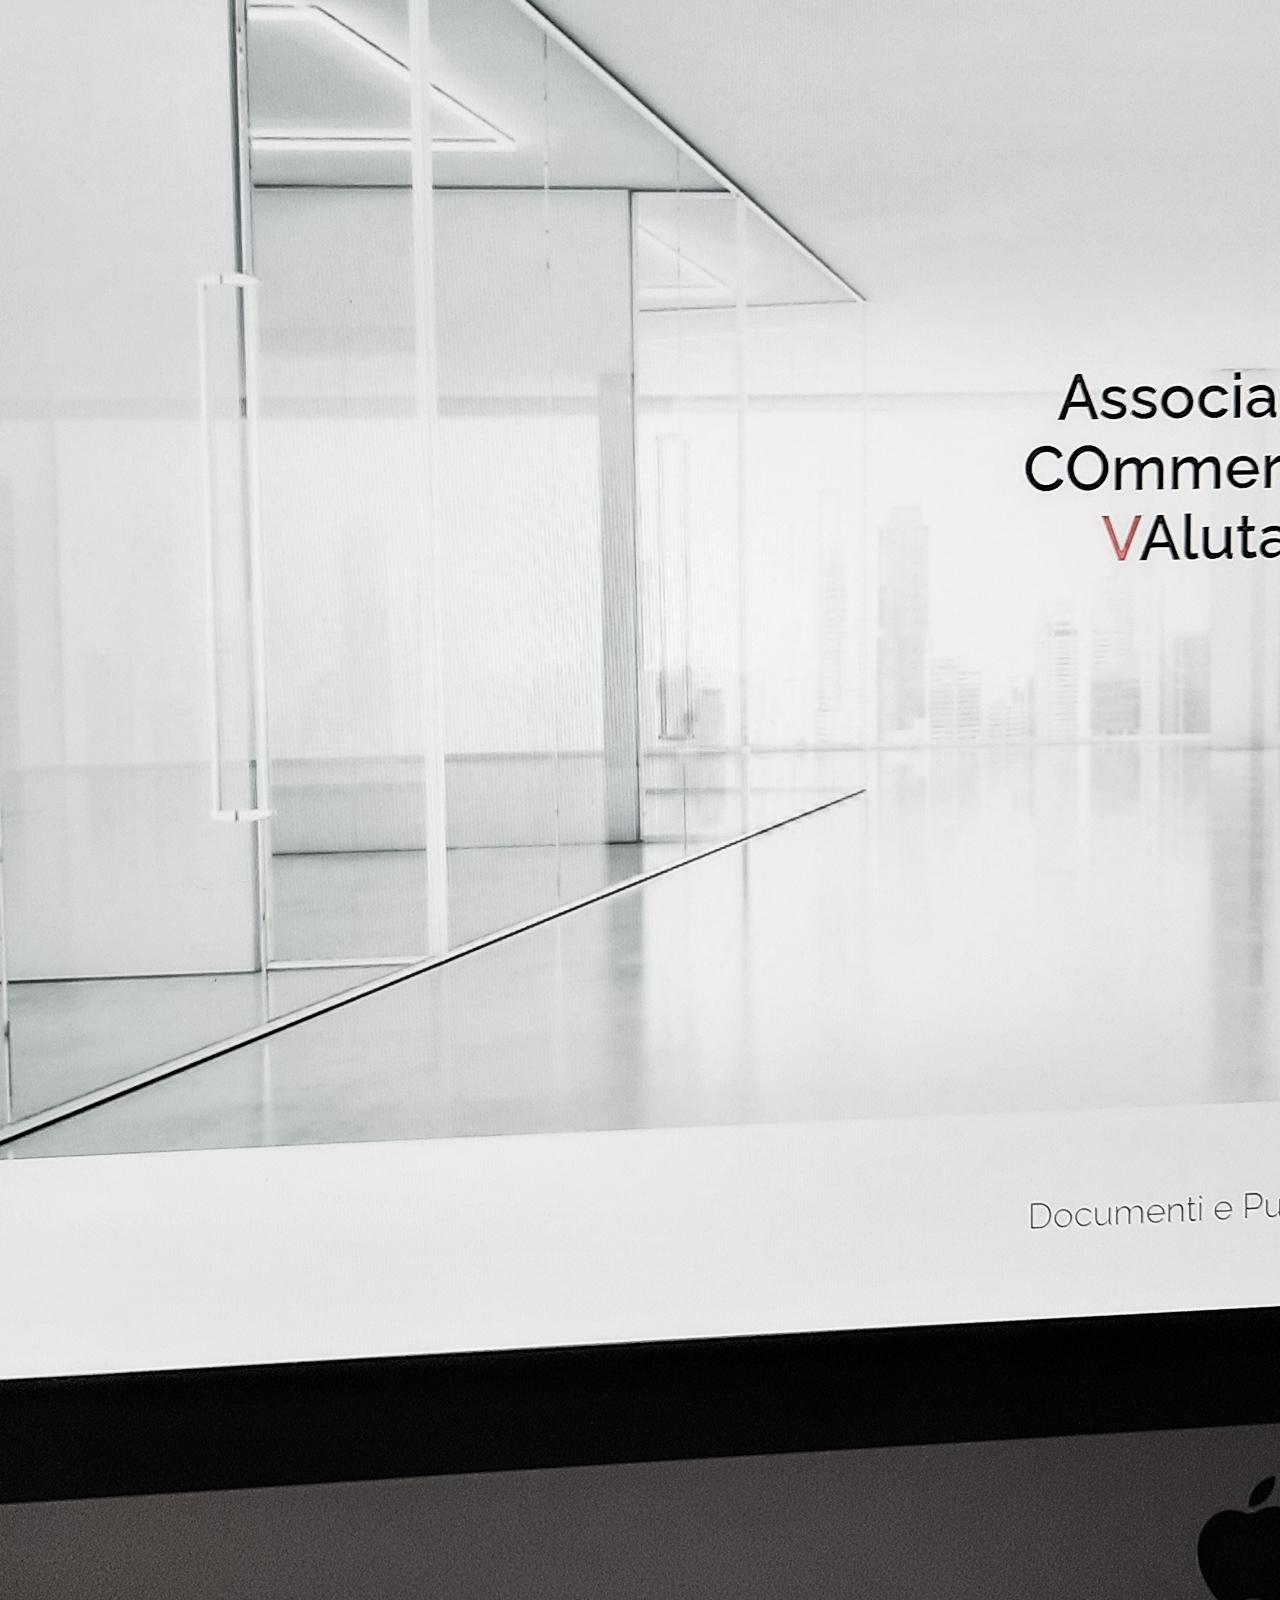 Acova - Associazione commercialisti valutatori